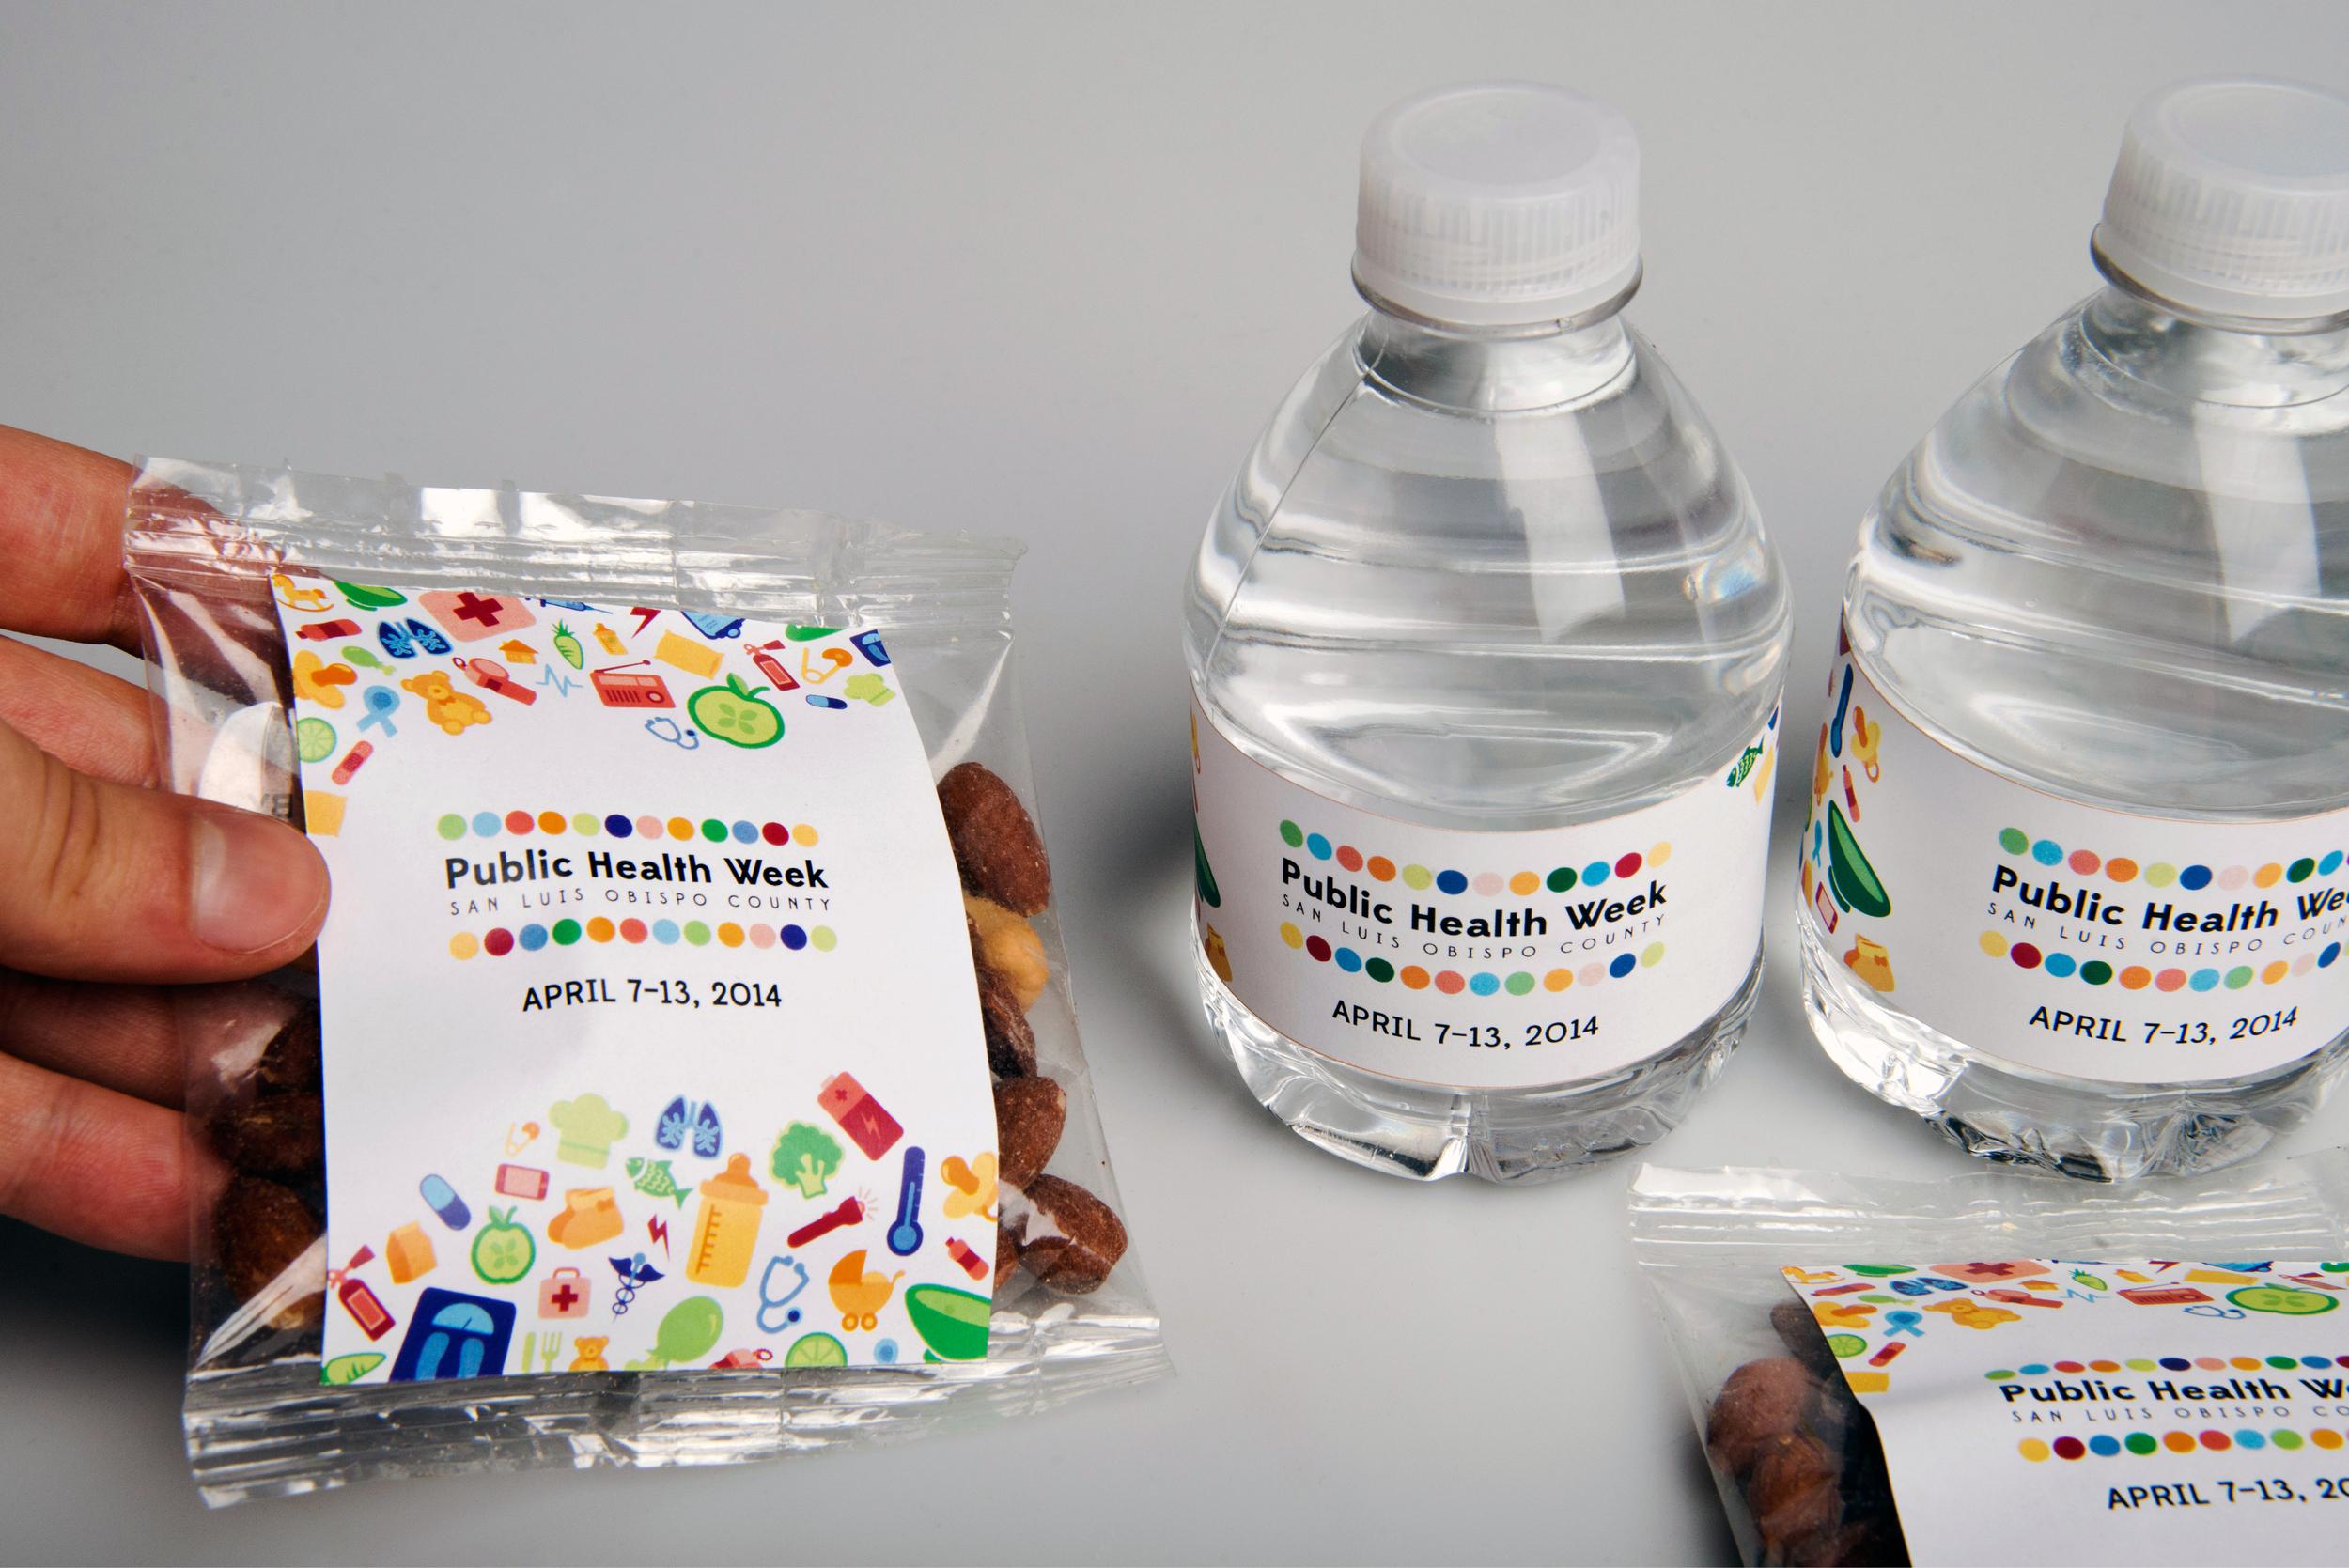 Public Health Week Packaging